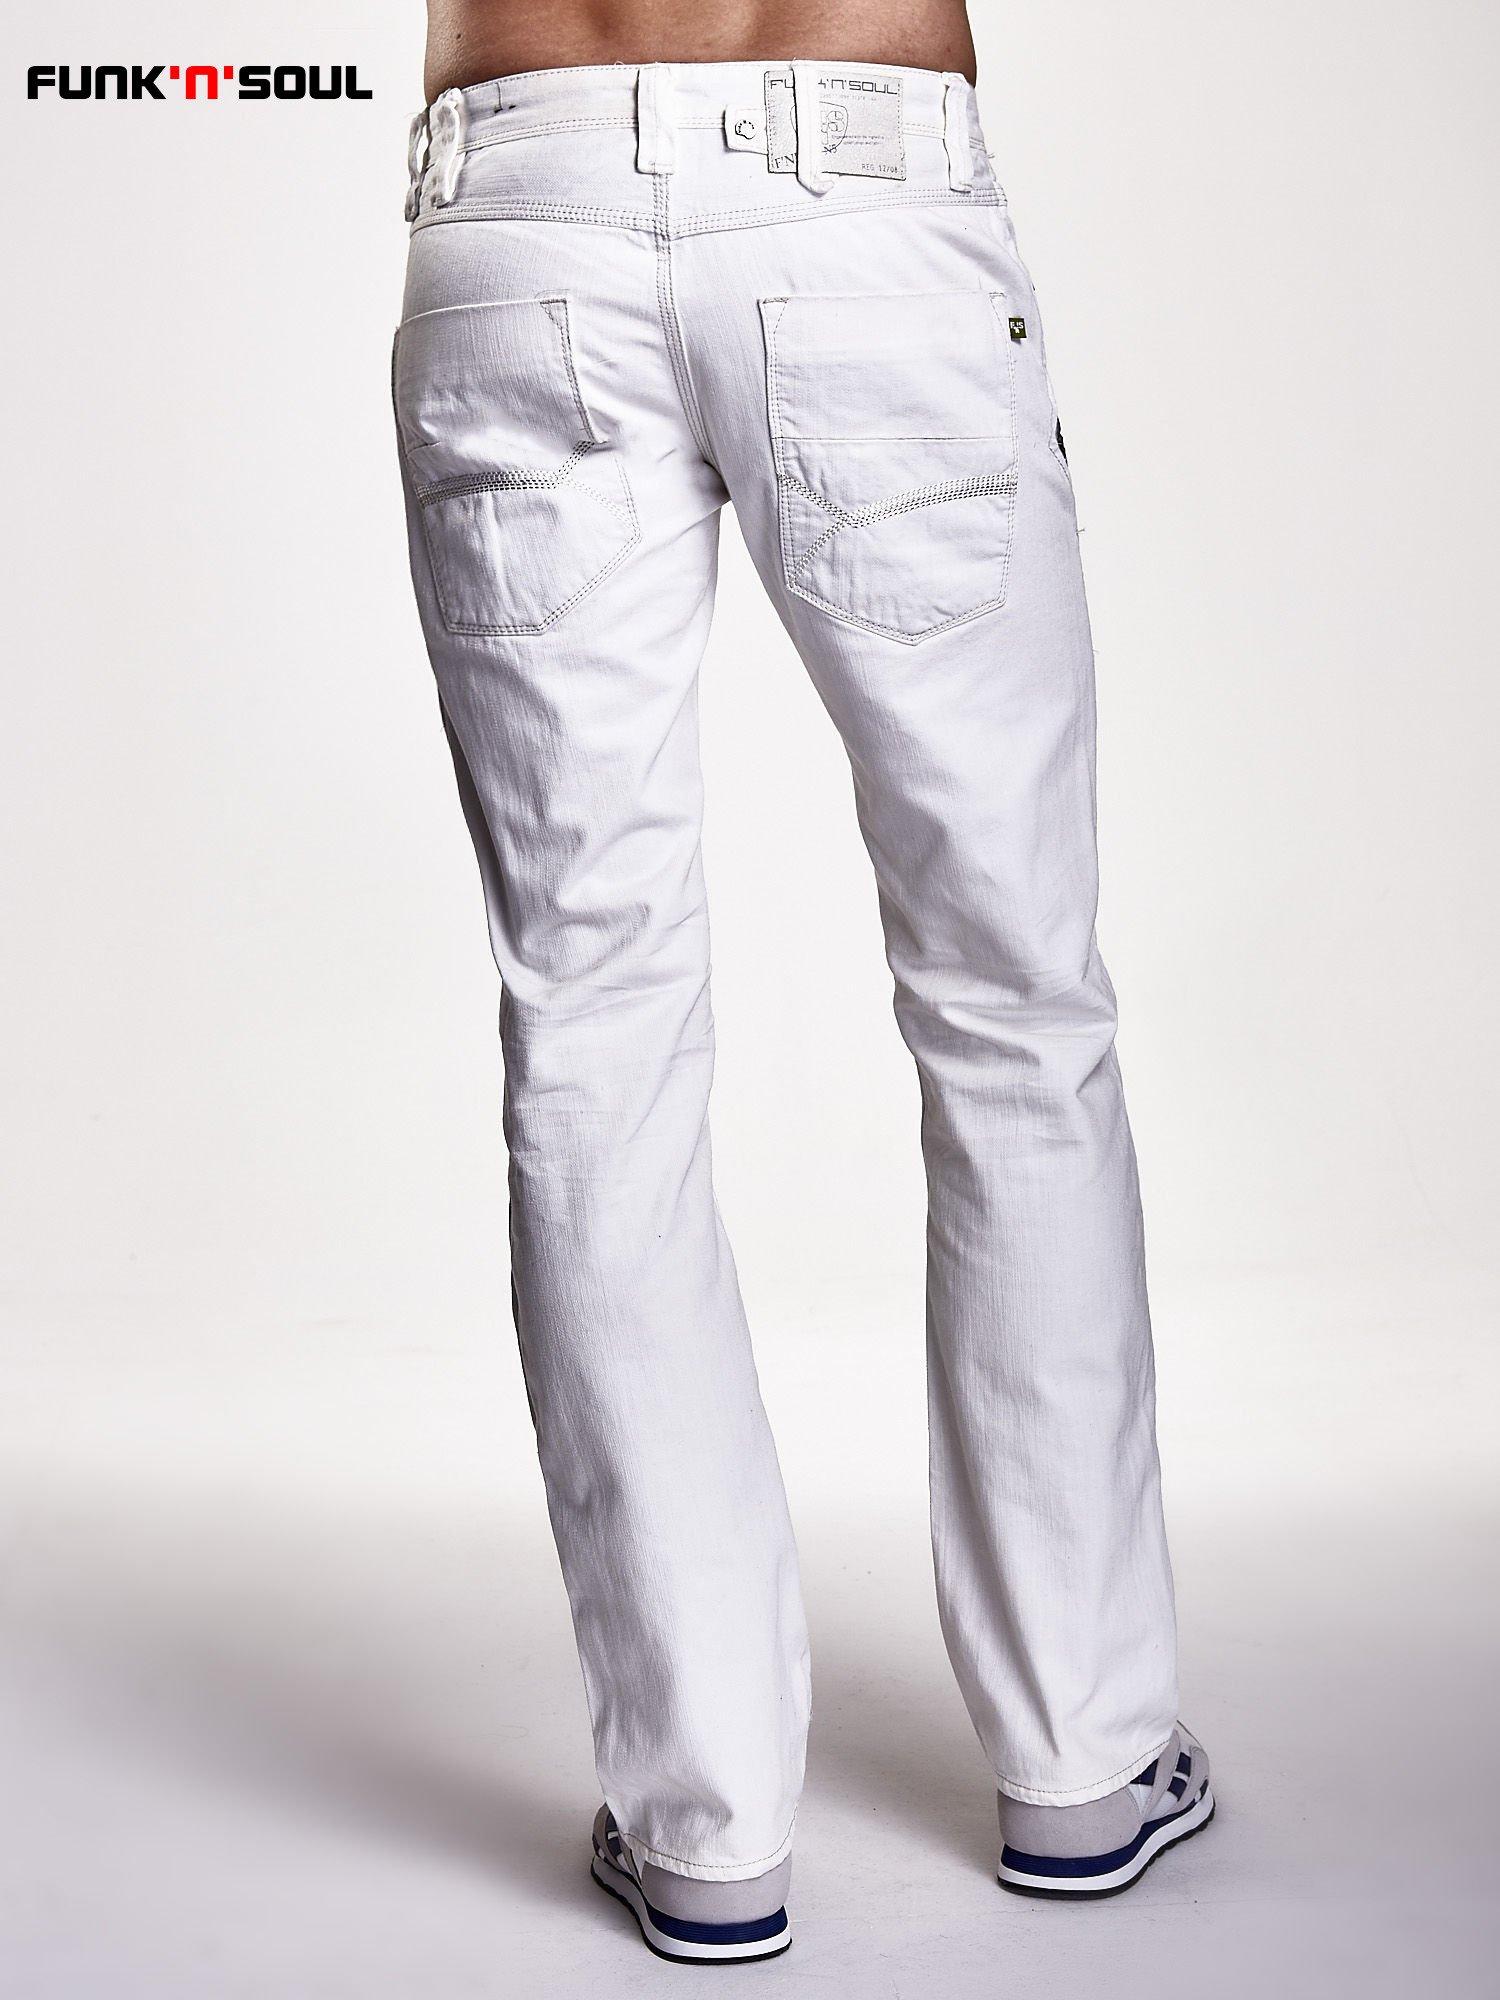 8f8f61501b Białe spodnie męskie z ozdobnymi napami Funk n Soul - Mężczyźni ...